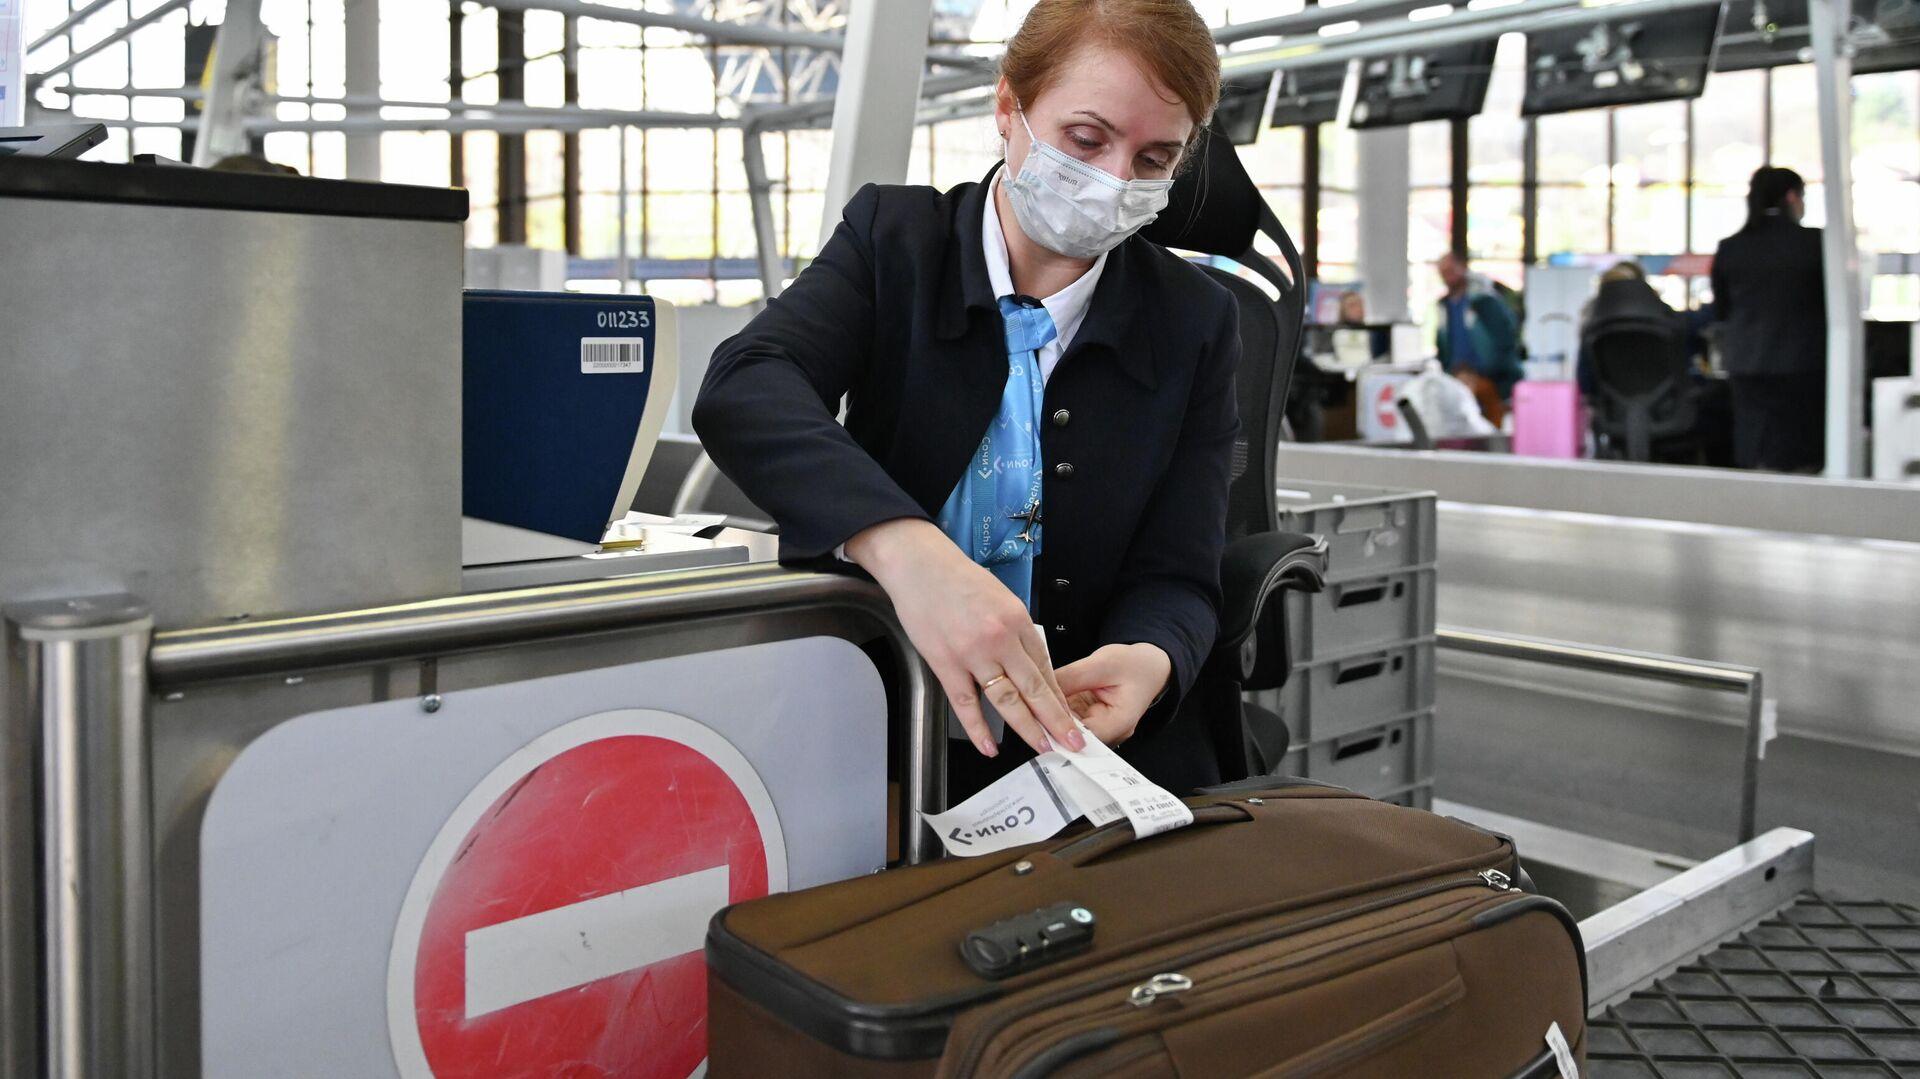 Сотрудница авиакомпании производит регистрацию пассажиров и багажа на рейс в Международном аэропорту Сочи - РИА Новости, 1920, 29.06.2021